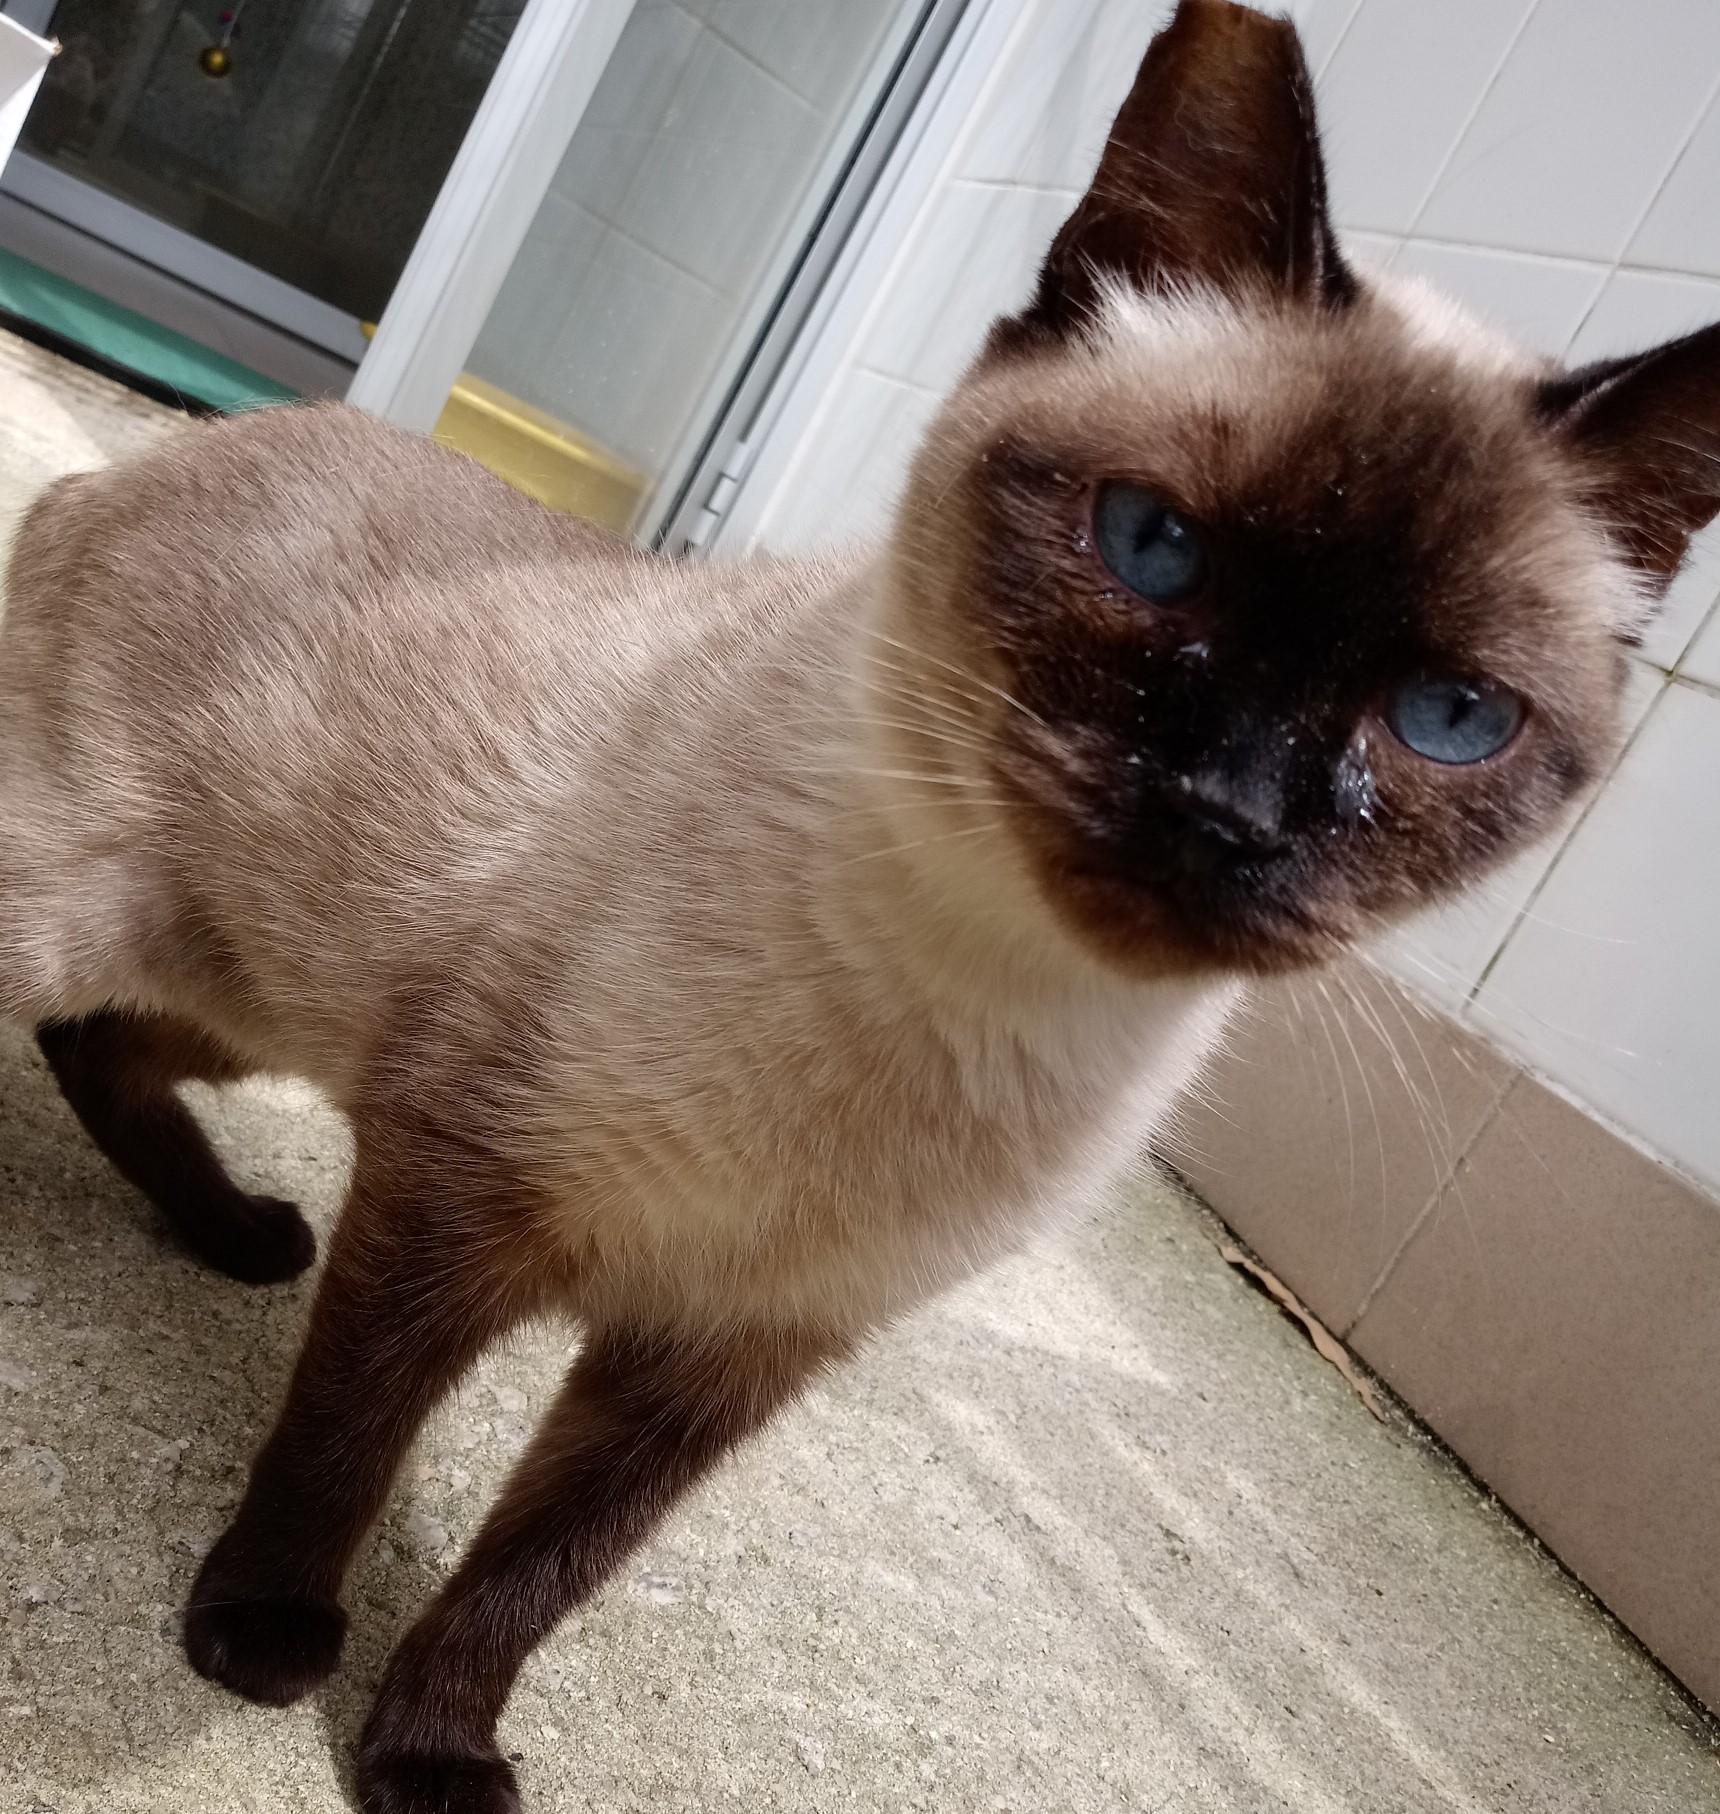 #PraCegoVer: Fotografia da gatinha Tata. Ela é marrom e tem os olhos azuis.